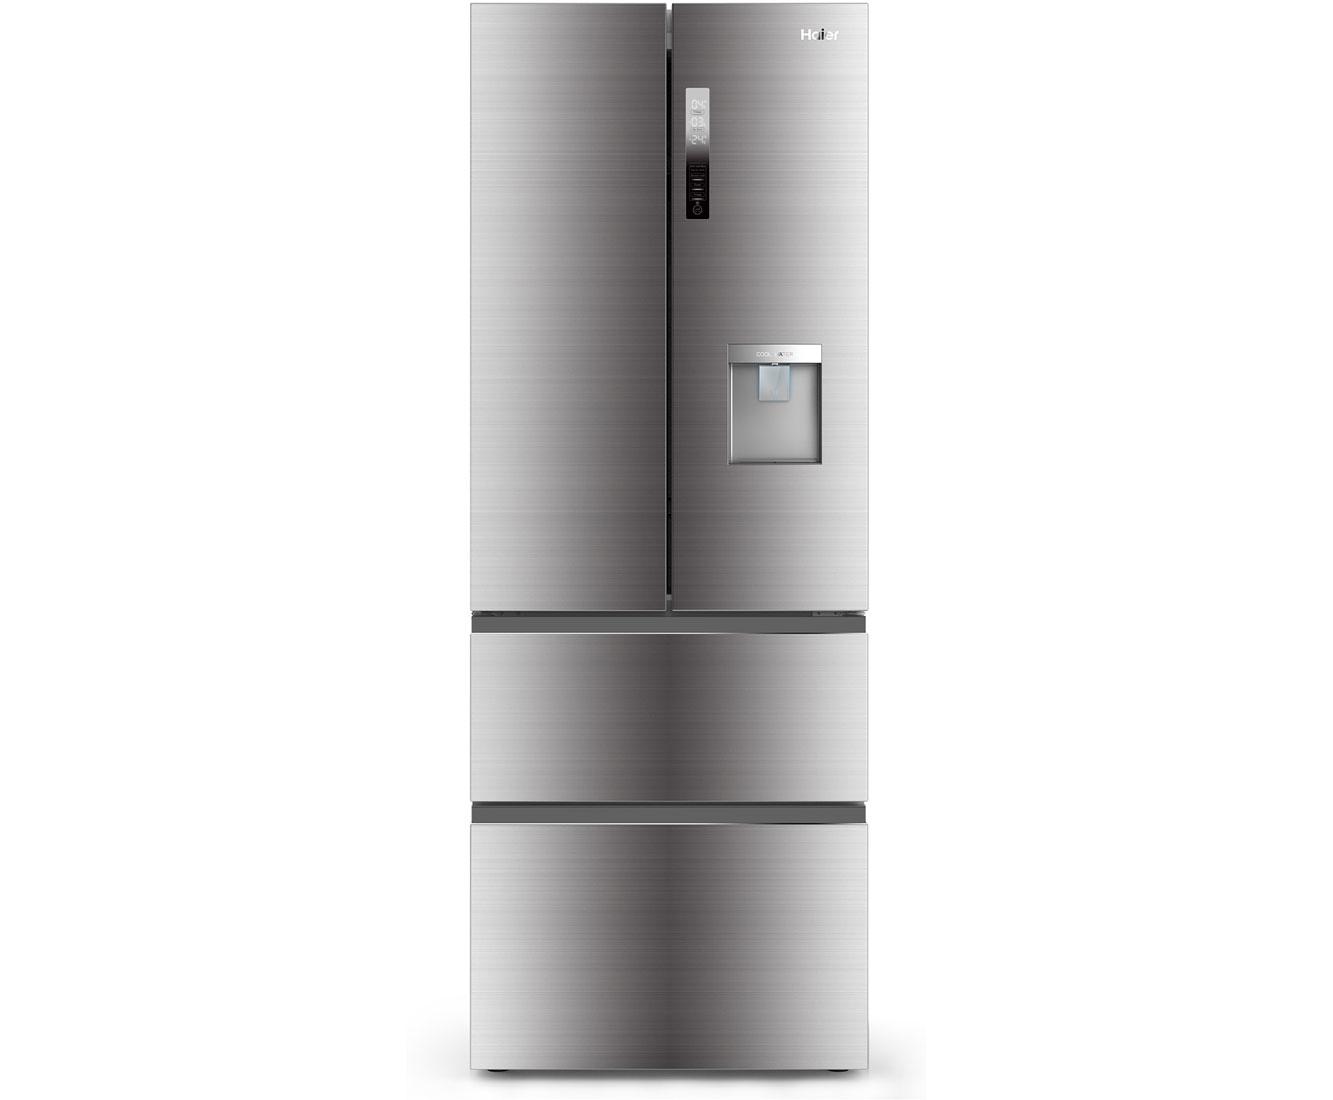 Amerikanischer Kühlschrank French Door : Side by side kühlschrank preisvergleich u die besten angebote